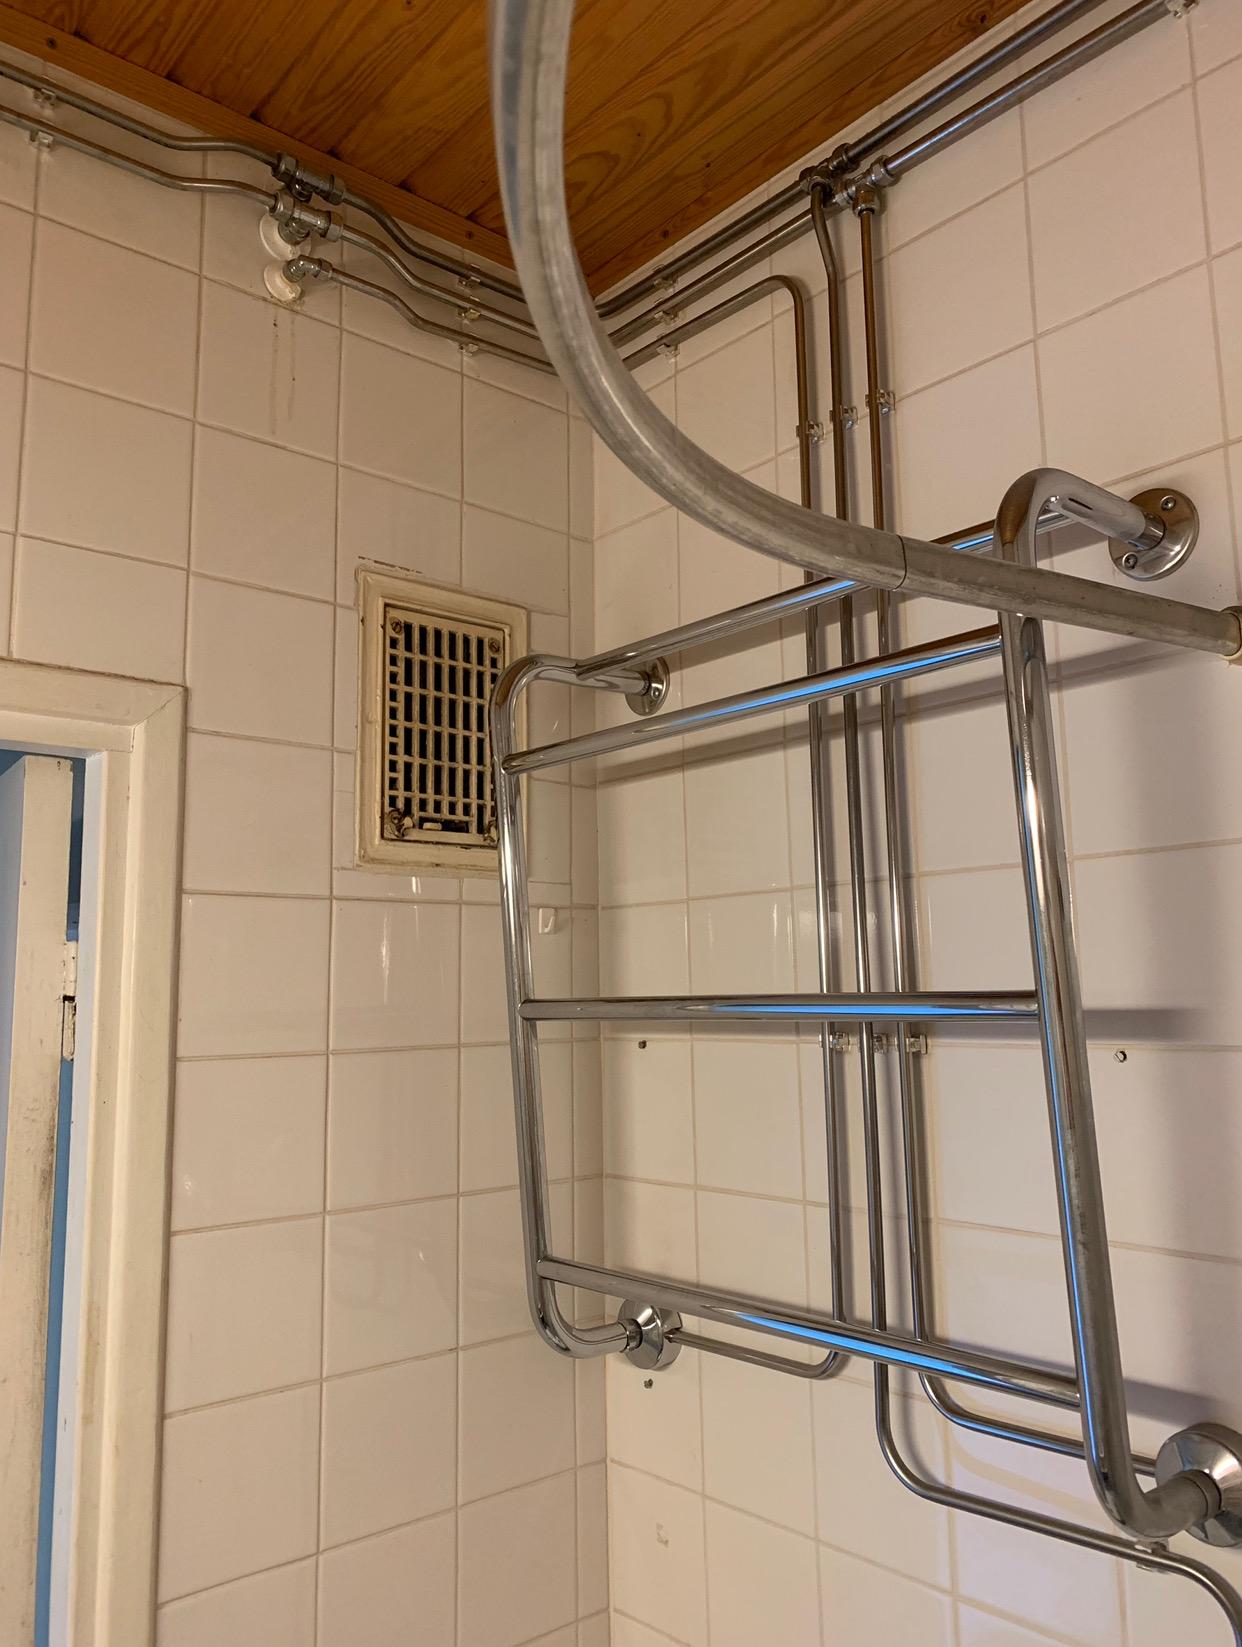 Kylpyhuoneen yksityiskohtia ennen remonttia